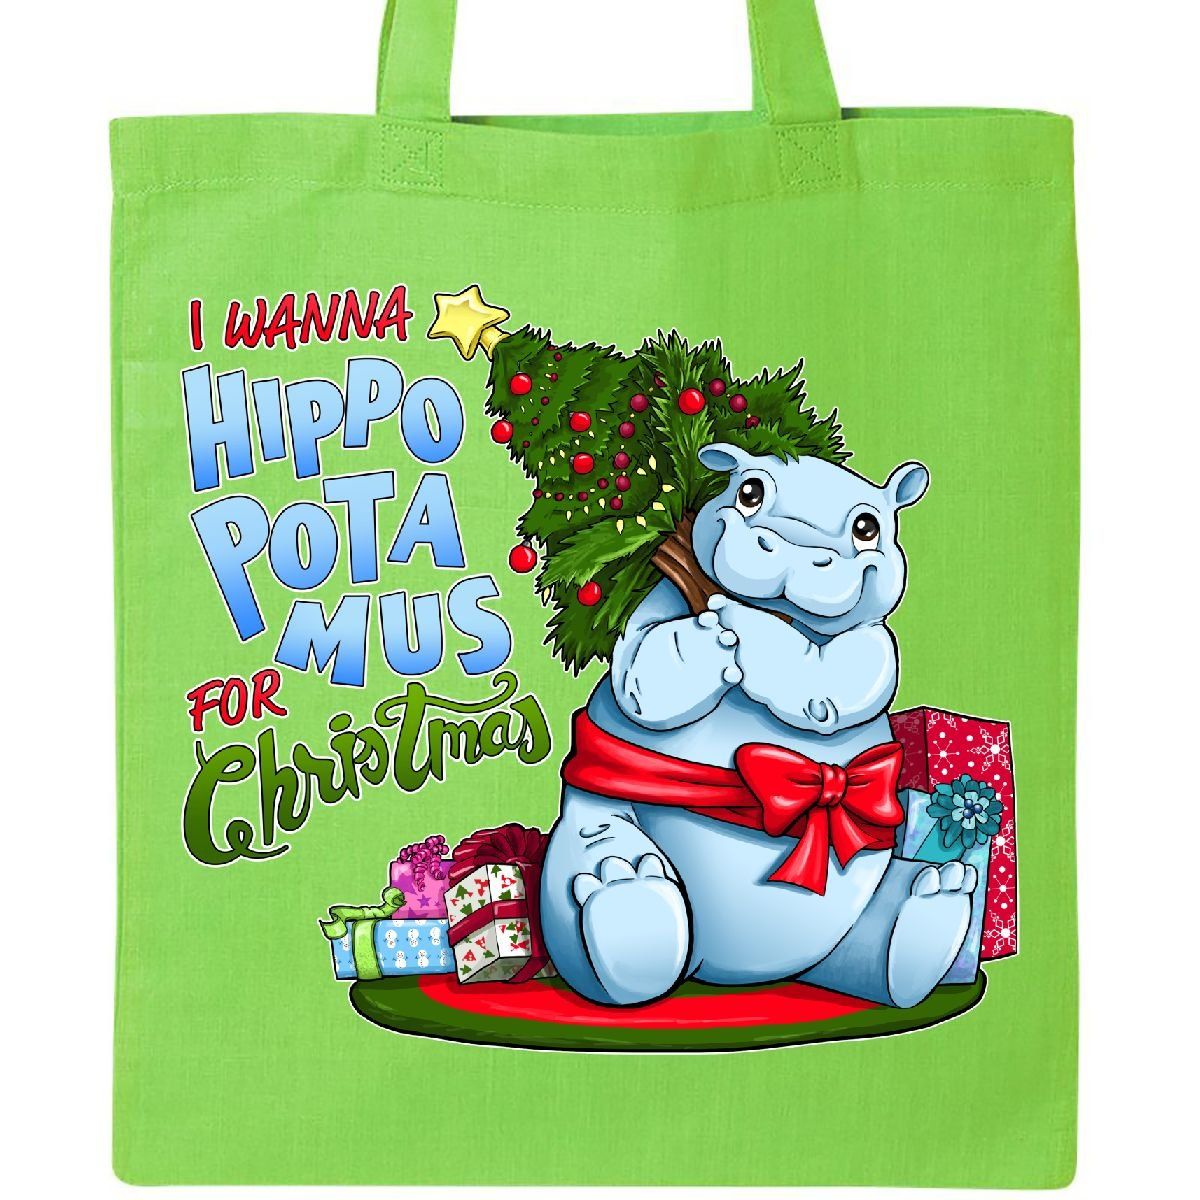 ファッション Inktastic – I WANNA WANNA Hippopotamus For christmas-キュートHippoトートバッグ I B076HB6Z87 One Size ブルー B076HB6Z87 ライムグリーン ライムグリーン, シチジョウマチ:4a16a66f --- 4x4.lt